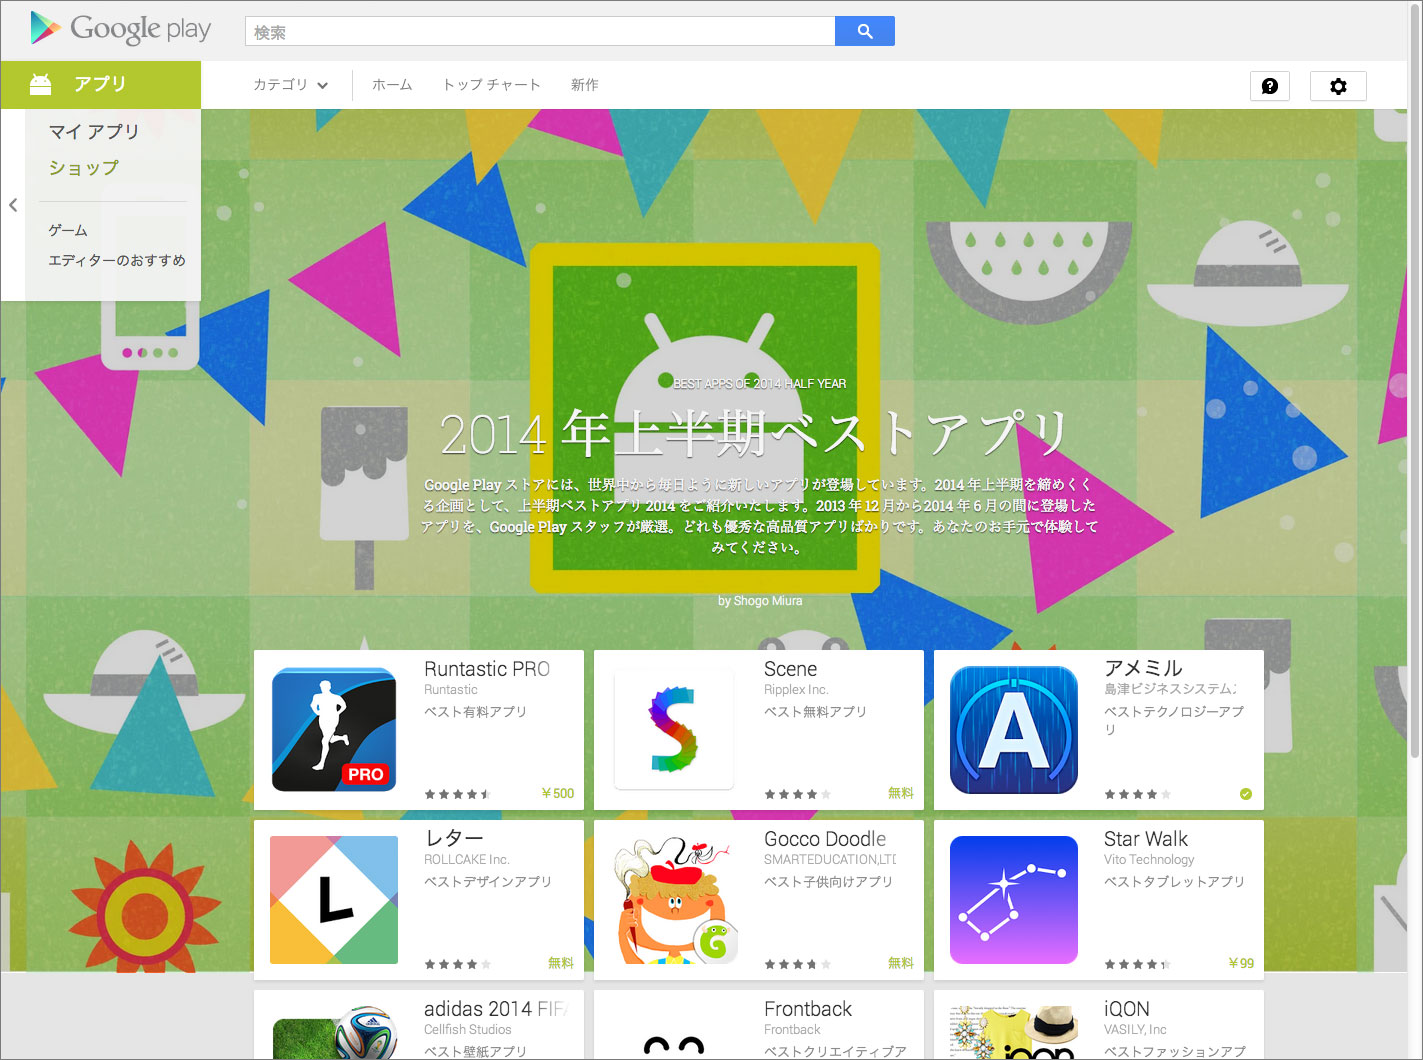 Google Play 2014年上半期ベストアプリに「アメミル」が選出されました